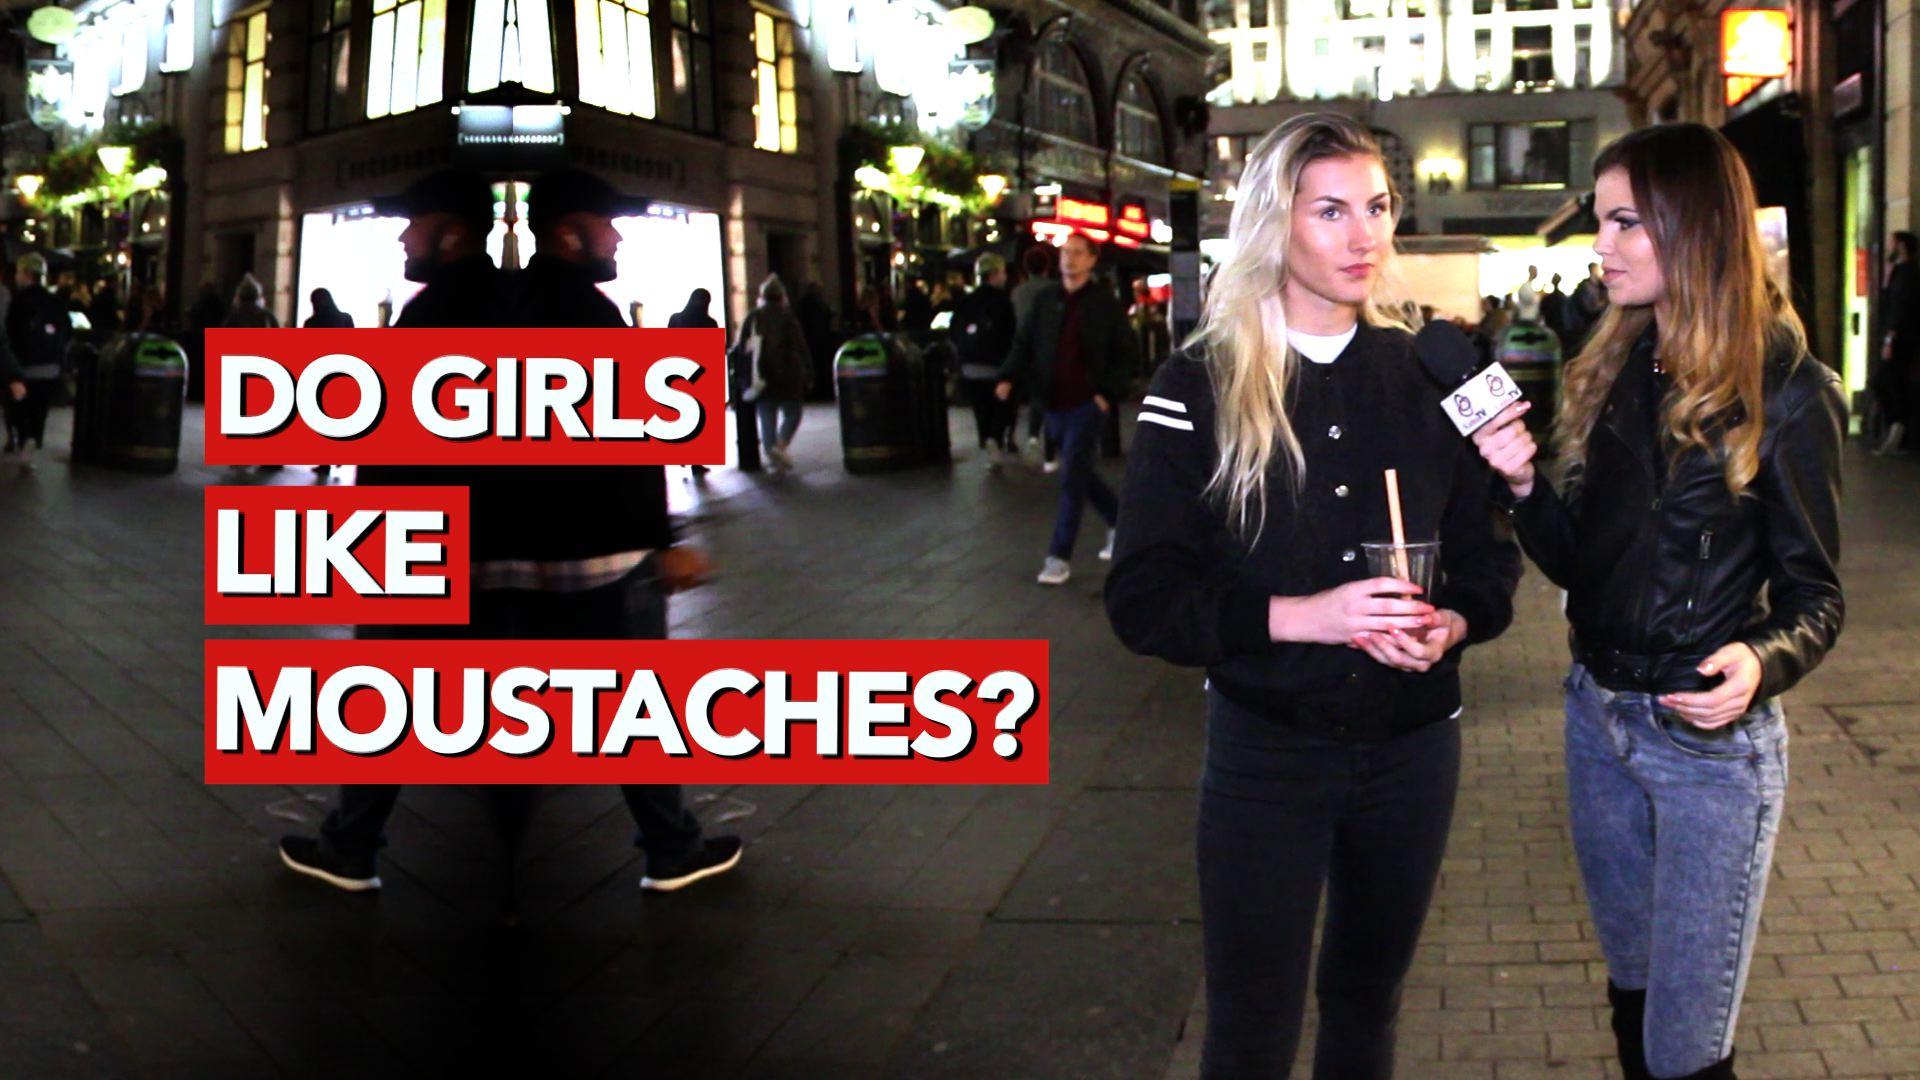 do girls like moustaches